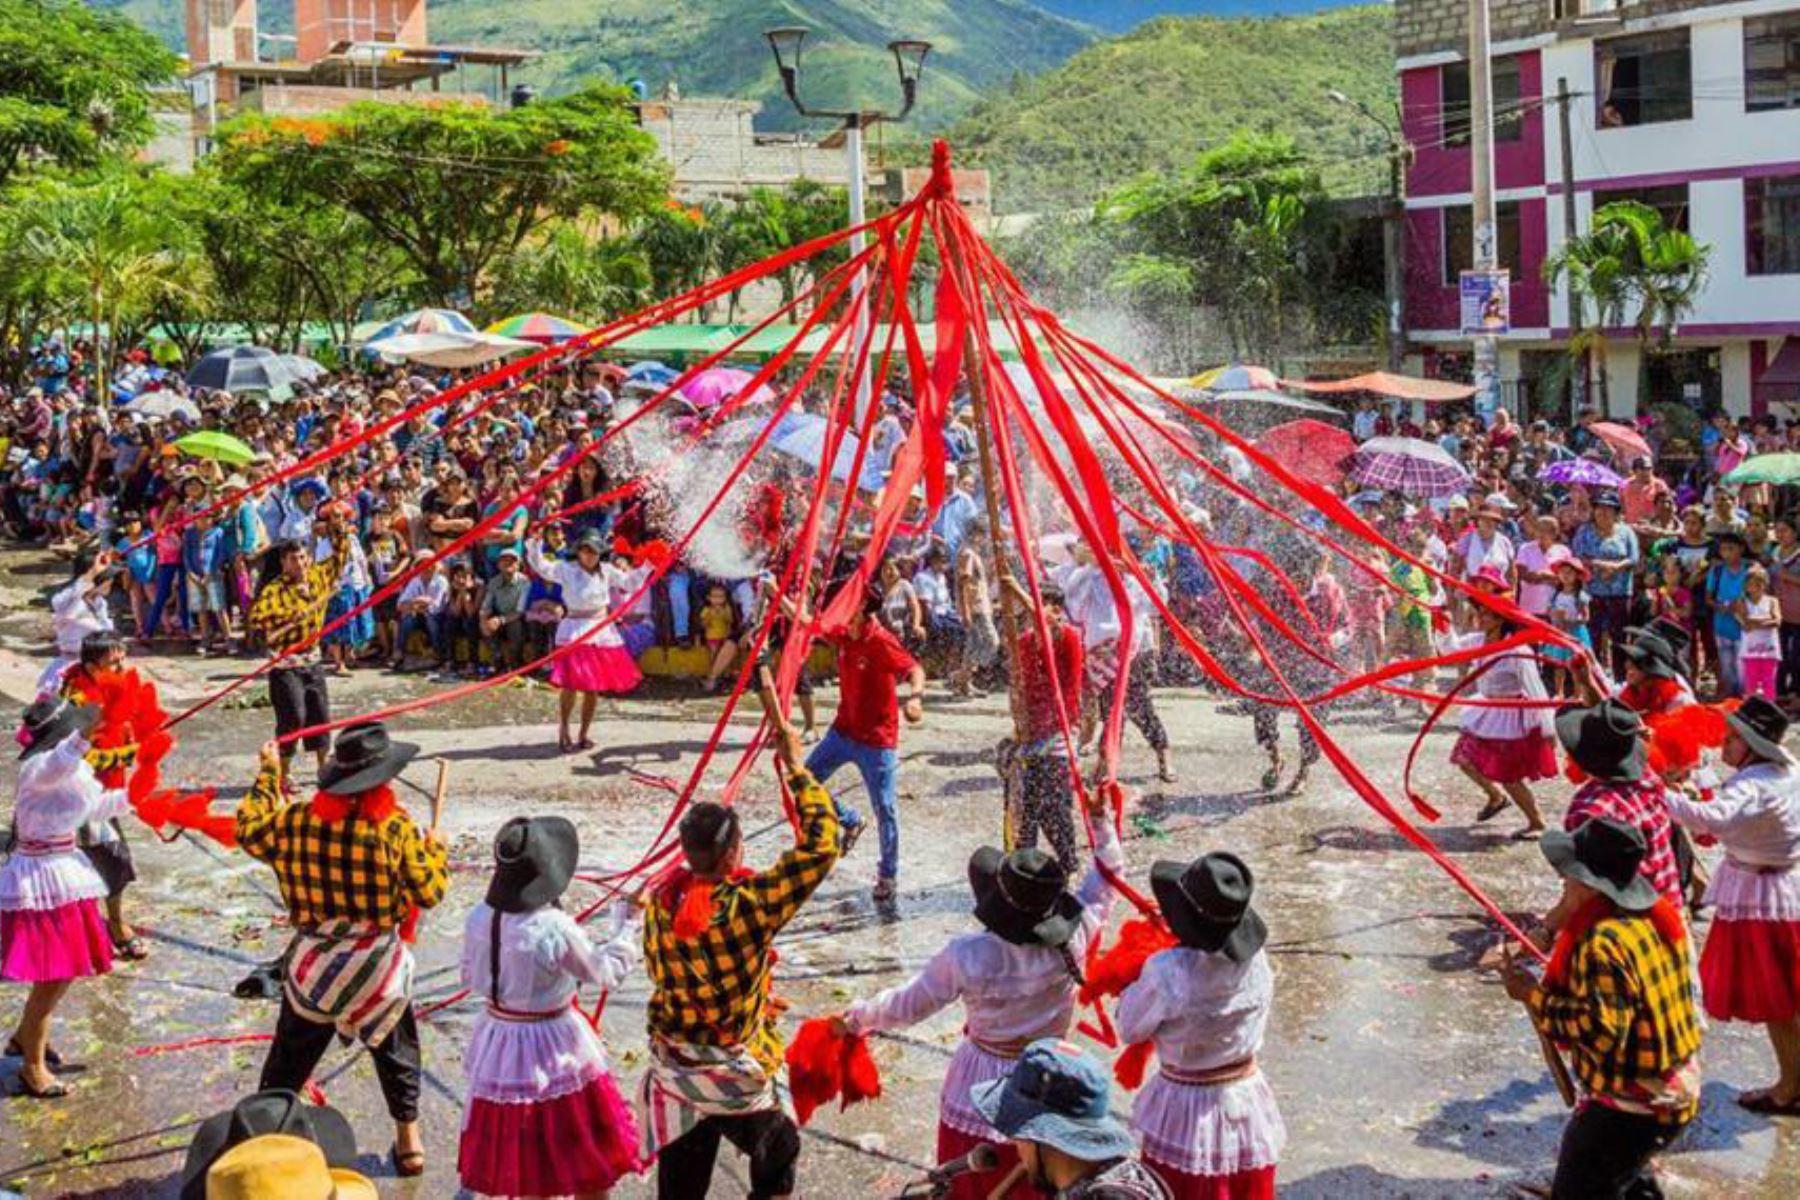 Con música y baile Quillabamba, en Cusco, celebrará carnavales esta semana. ANDINA